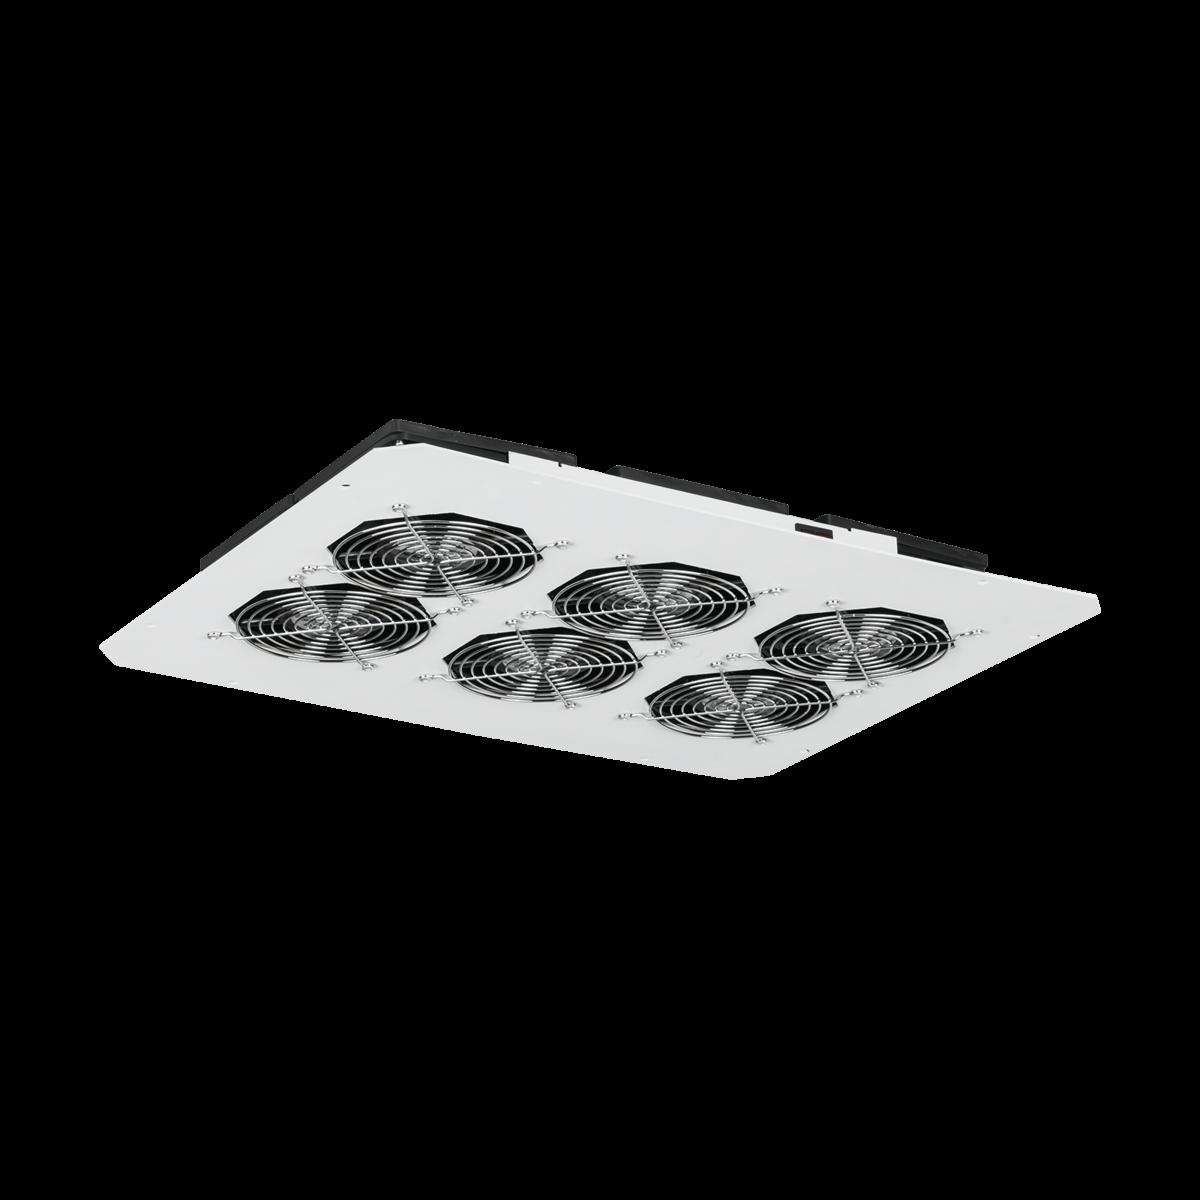 Вентиляторный блок TLK для напольных шкафов серий TFR, TFL, 6 вентиляторов, нижние решетки пластиковые с фильтром, без шнура питания